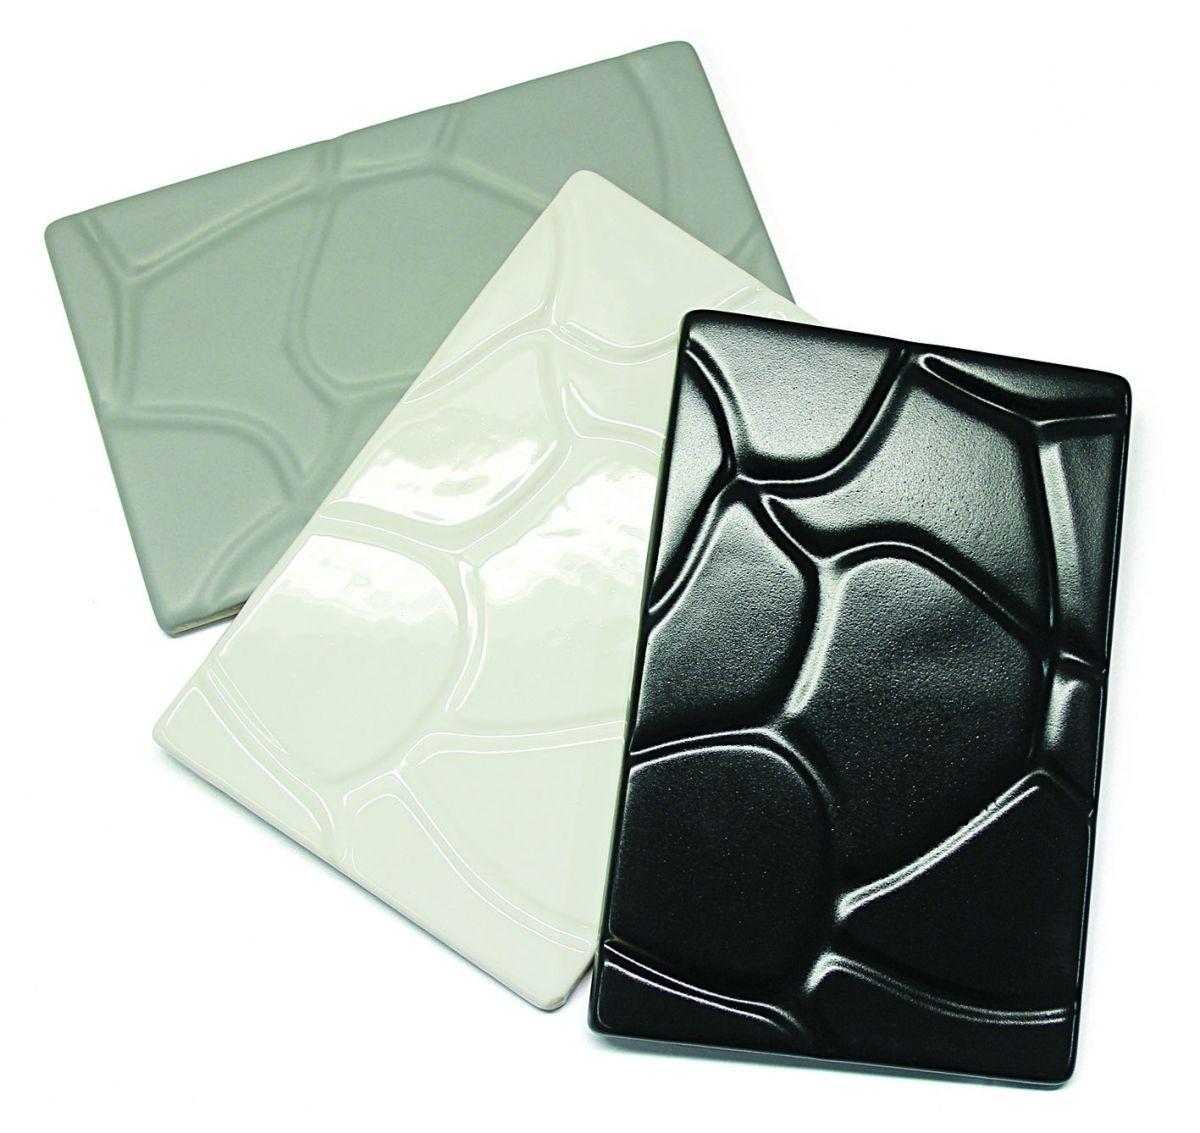 These hand made ceramic tiles (Saaristo 2009) Enquiries: warmauunit.com